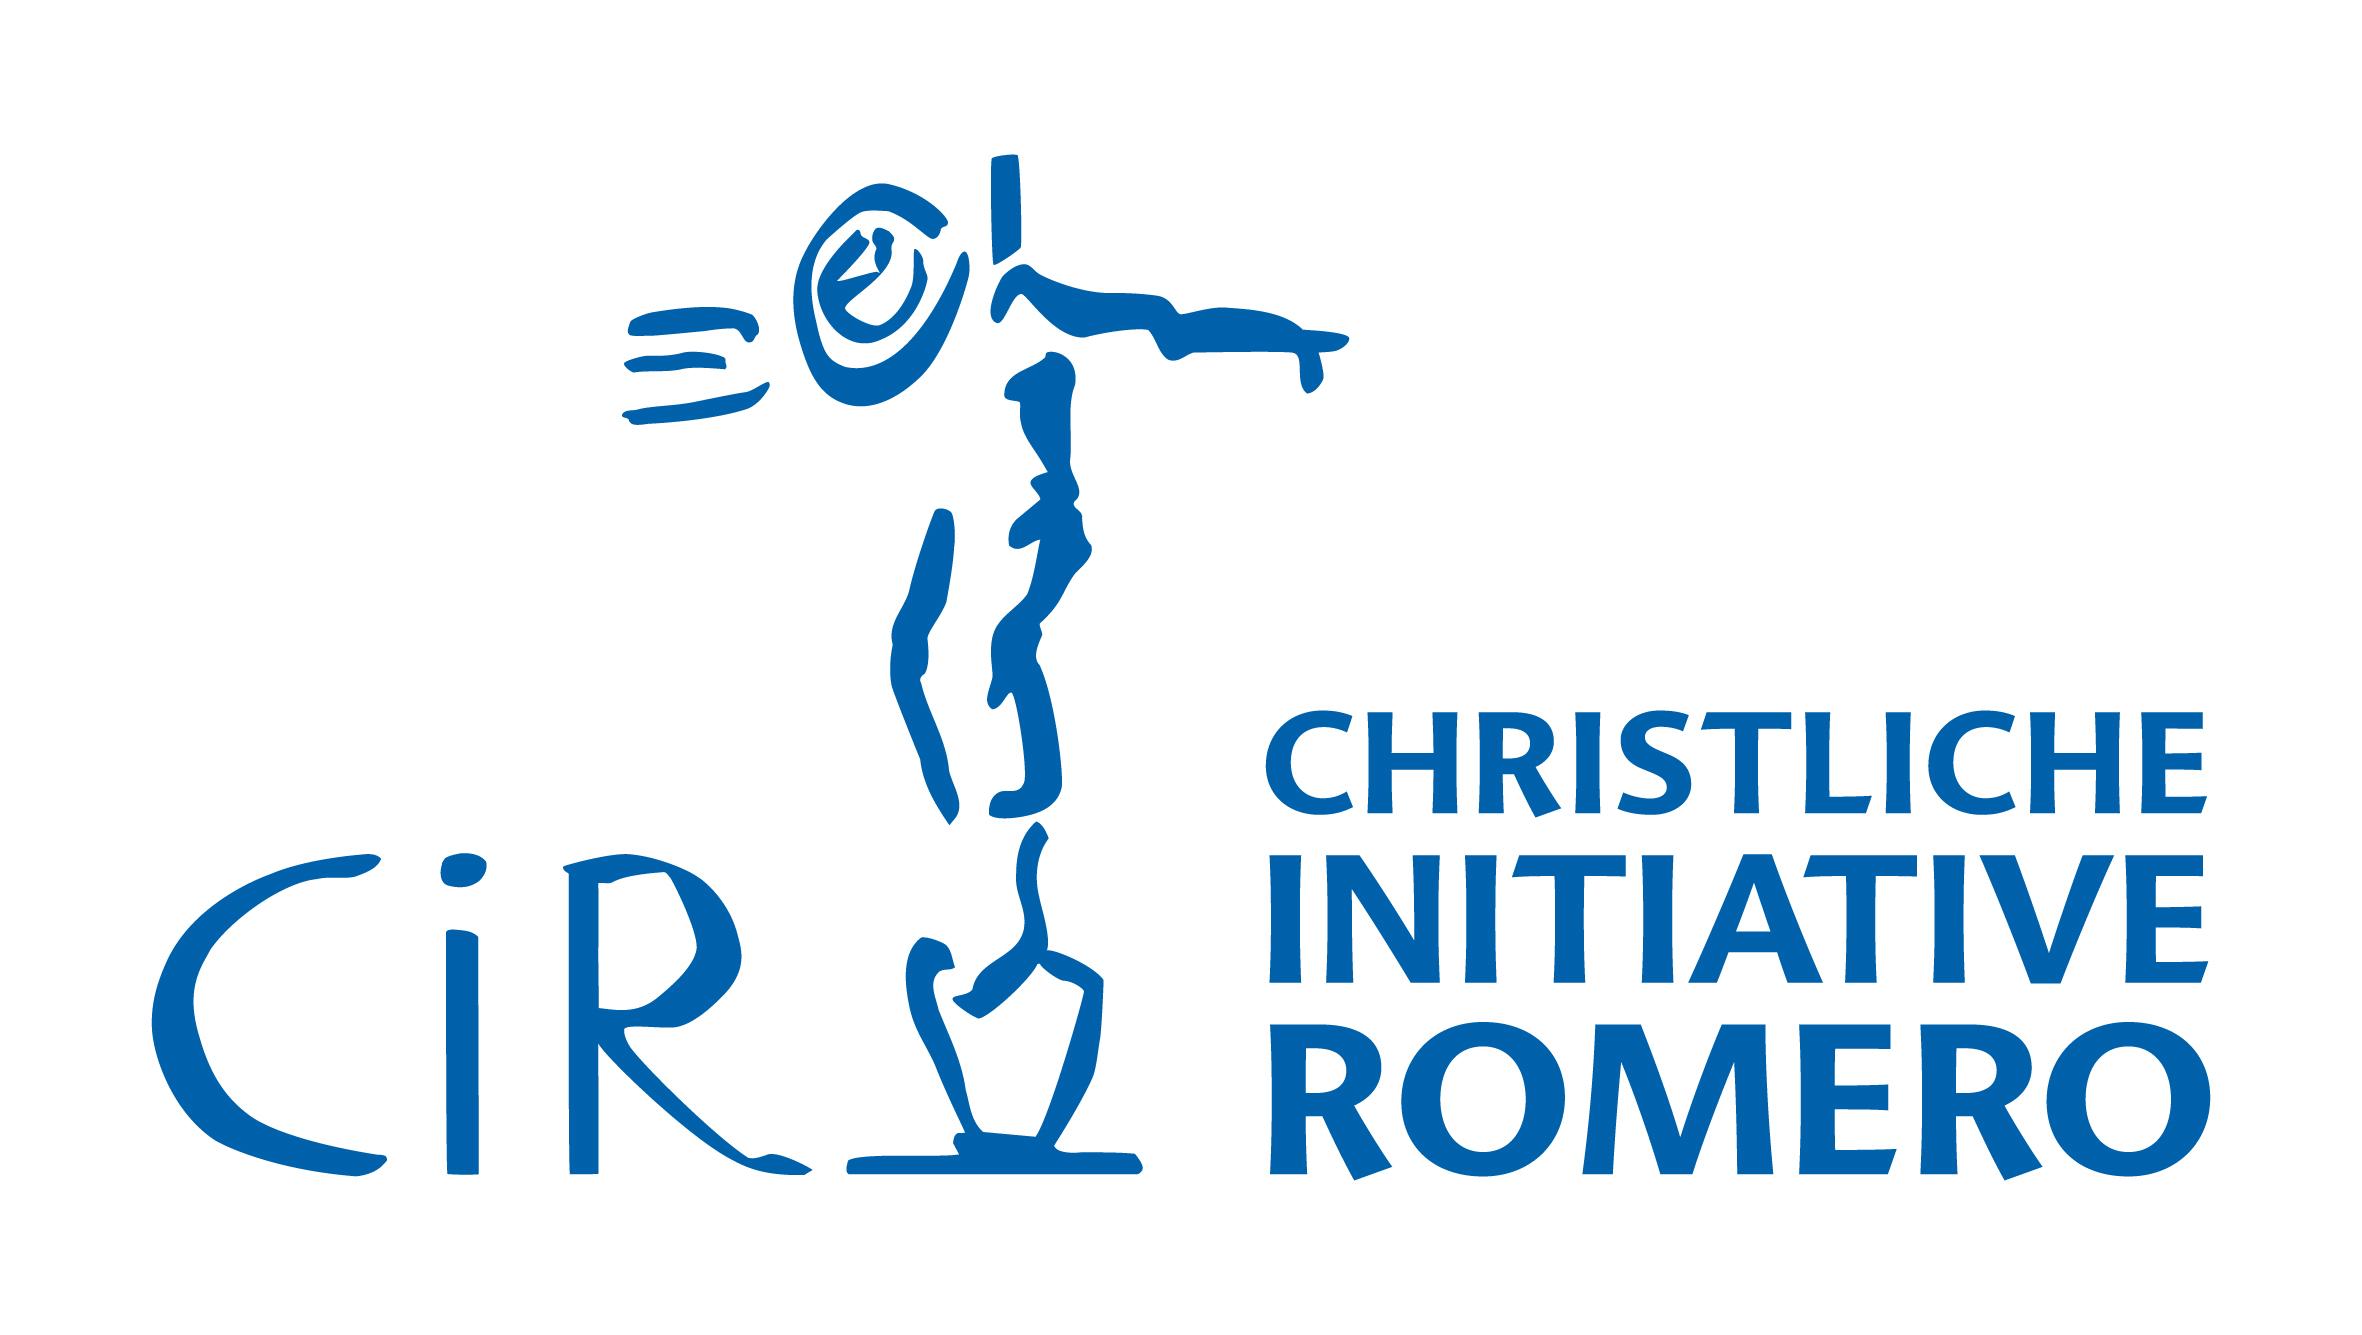 CIR Logo blau auf weiß